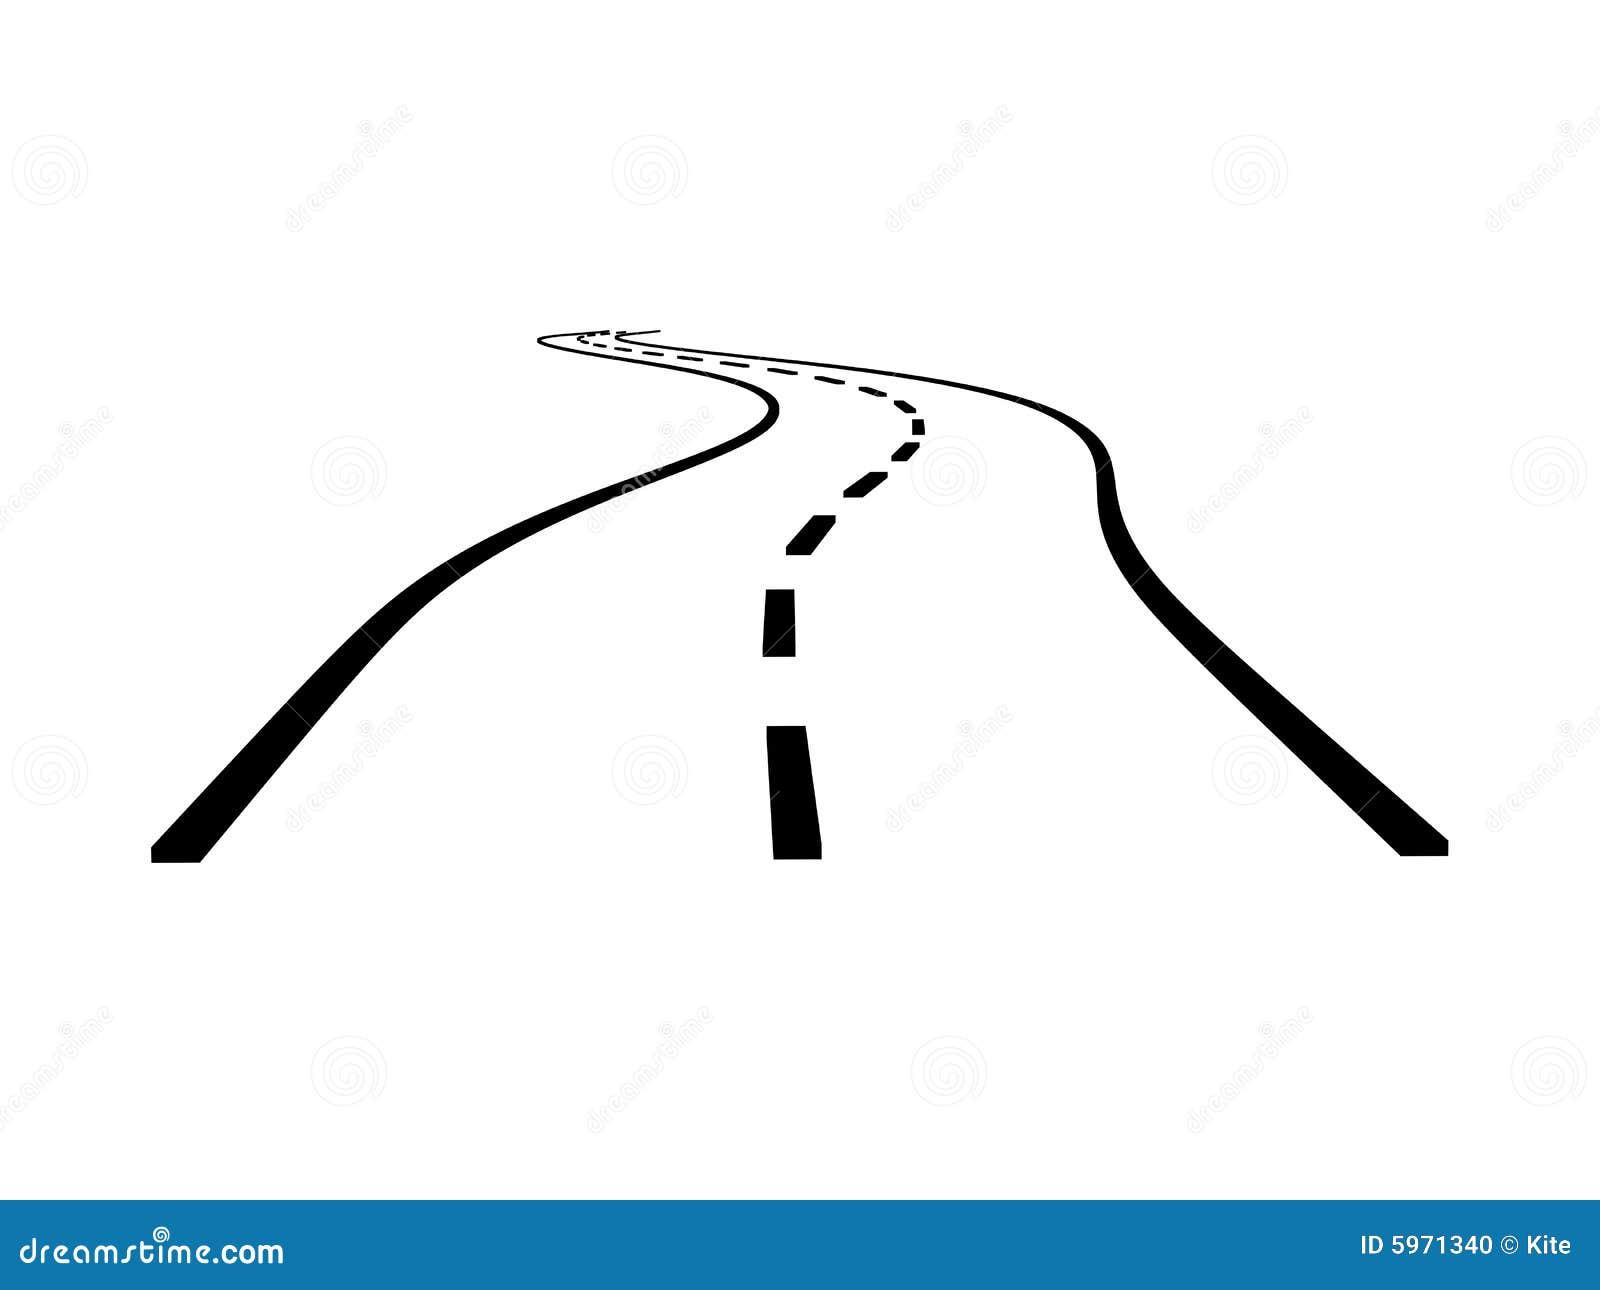 Straße mit Kurve stock abbildung. Illustration von richtung - 5971340